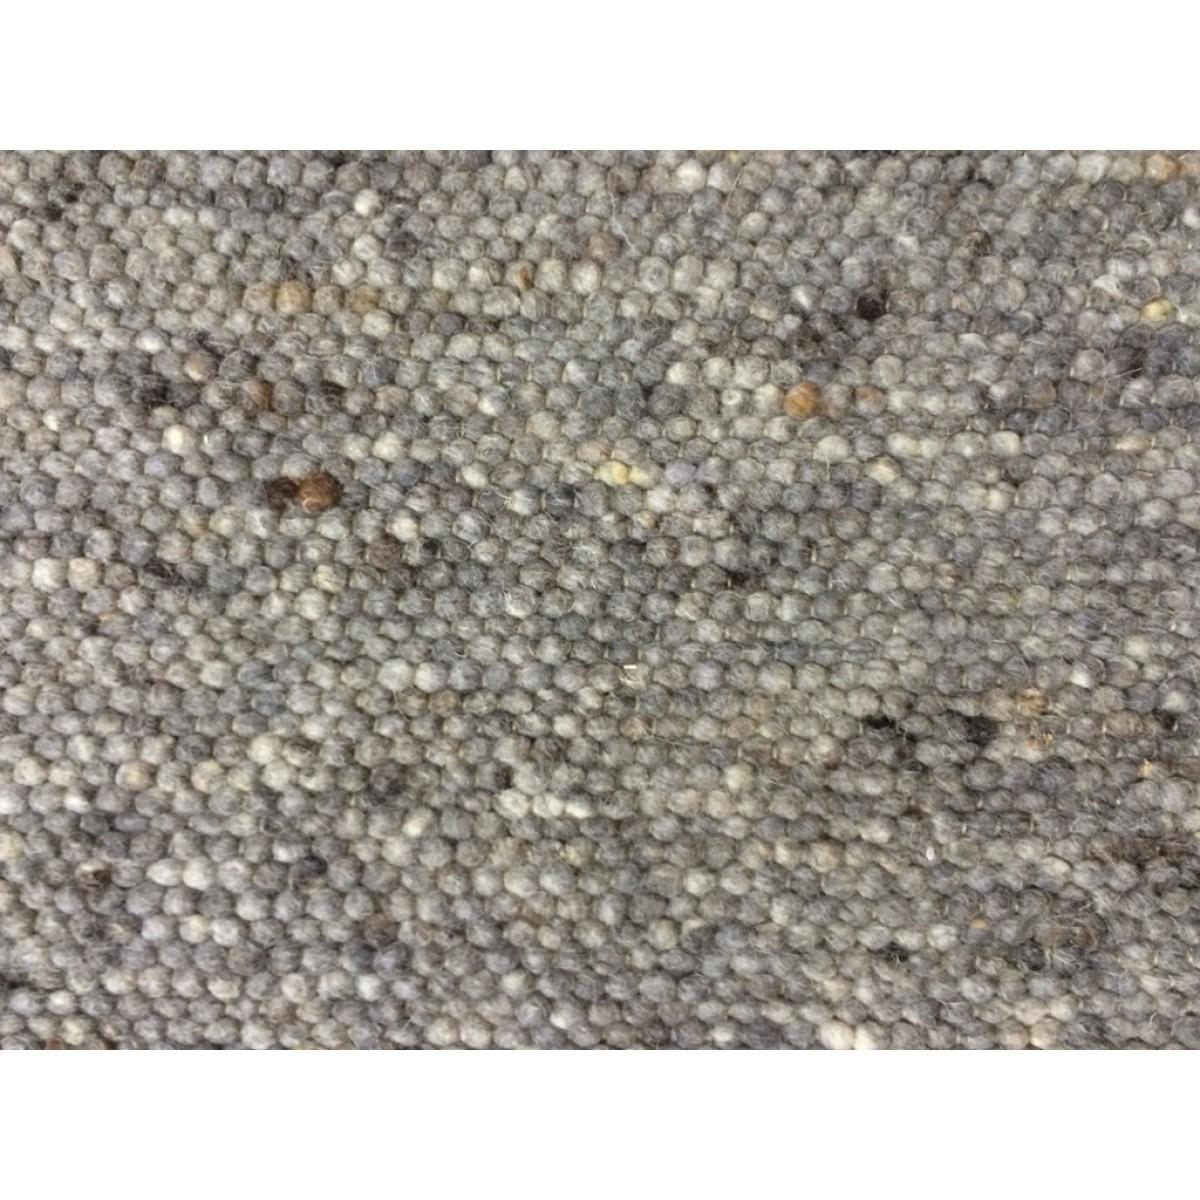 detail-greenland-karpet-brinker-carpets-stone-bolletjes